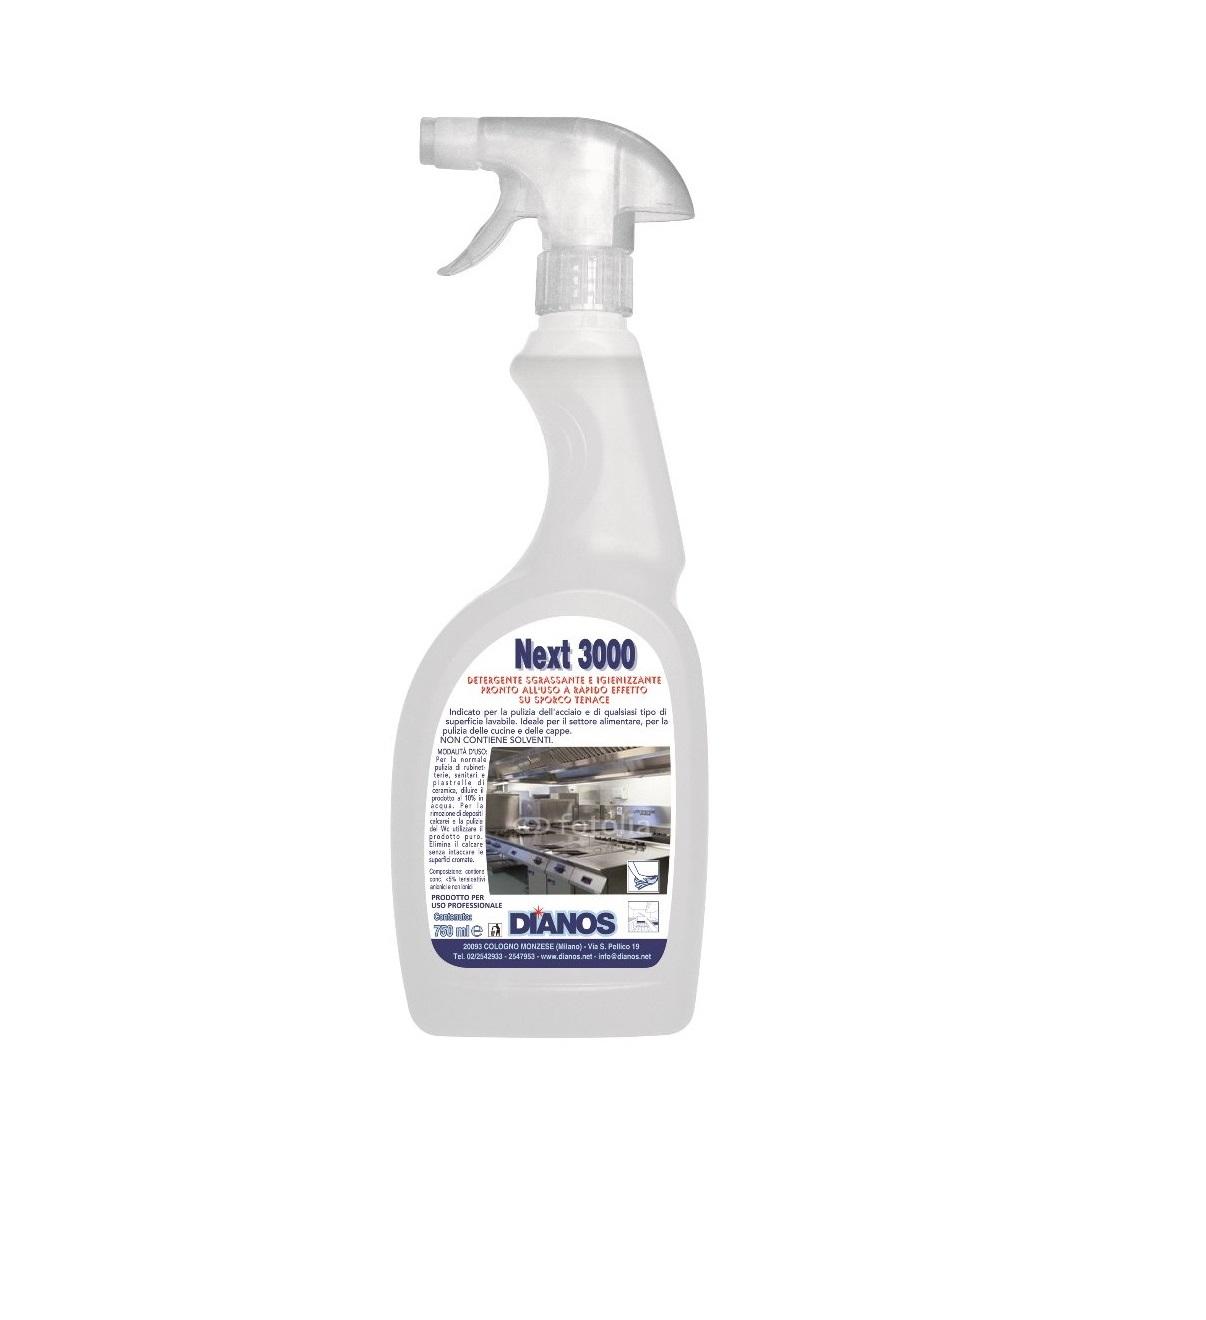 Next 3000 - Spray pronto uso sgrassante ad effetto rapido, ideale per superfici in acciaio Image